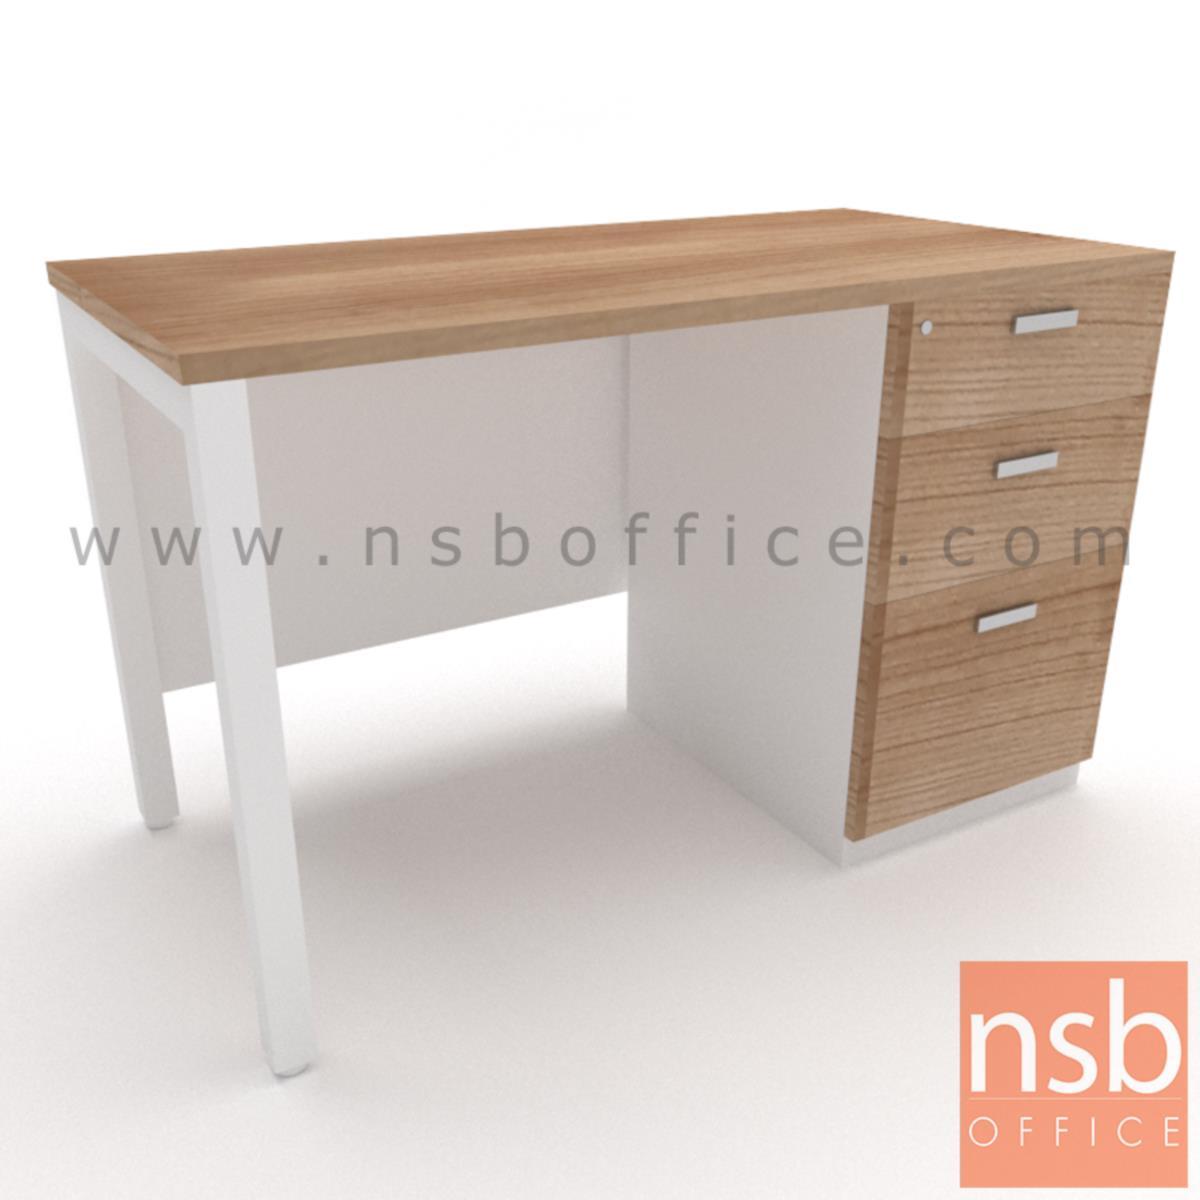 A18A063:โต๊ะทำงาน 3 ลิ้นชัก บังโป๊ไม้  ขนาด 120W ,135W ,150W ,180W cm.  ขาเหล็กเหลี่ยมทำสี